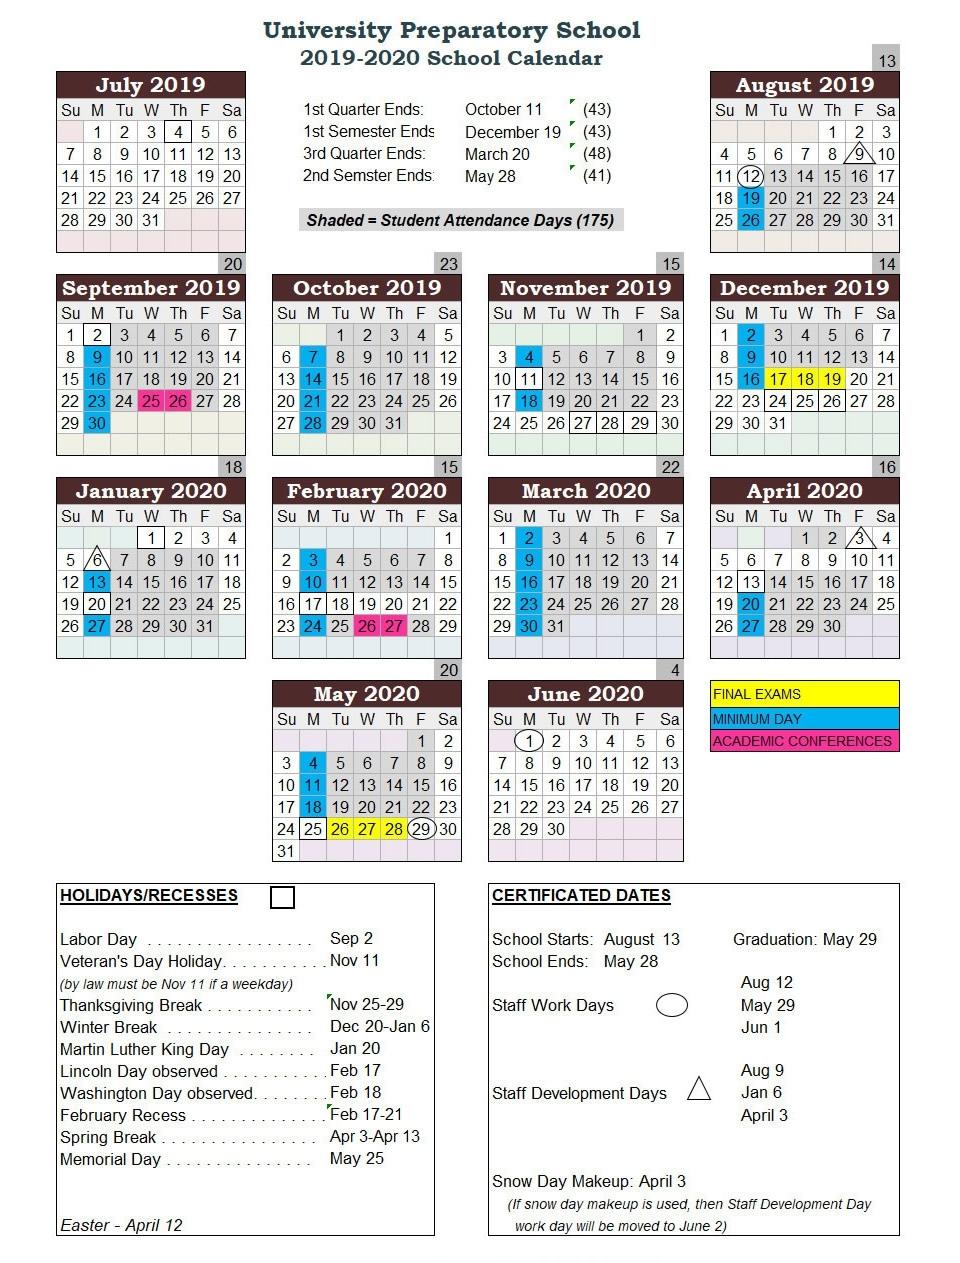 U Of M School Calendar 2020   Calendar Design Ideas for U Of M 2019 2020 Calendar